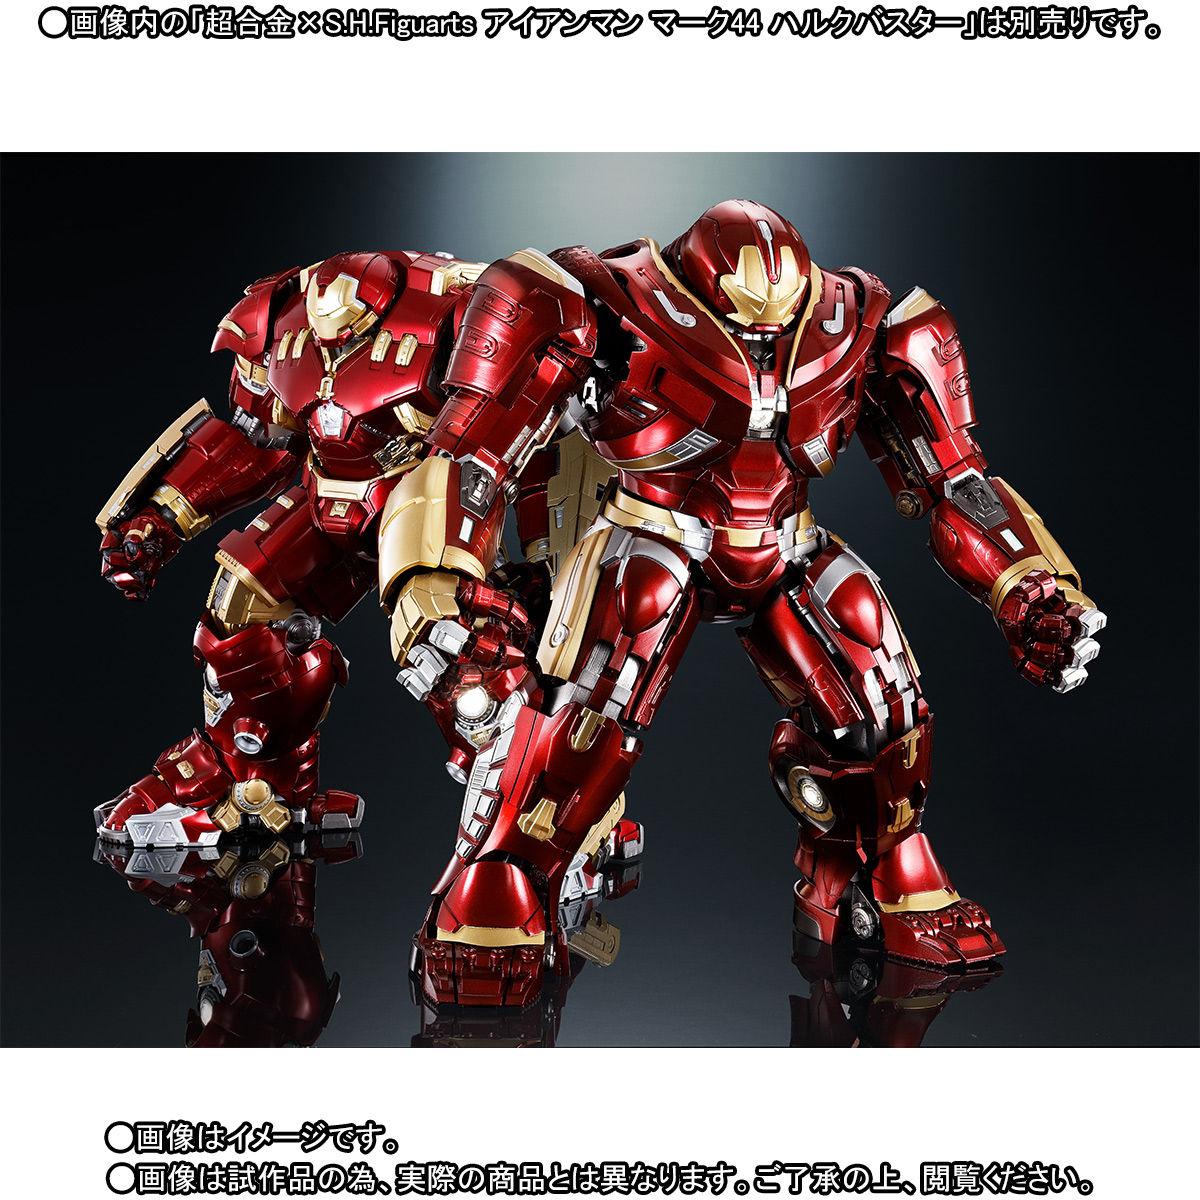 超合金×S.H.Figuarts『ハルクバスター マーク2|アベンジャーズ/インフィニティ・ウォー』可動フィギュア-010